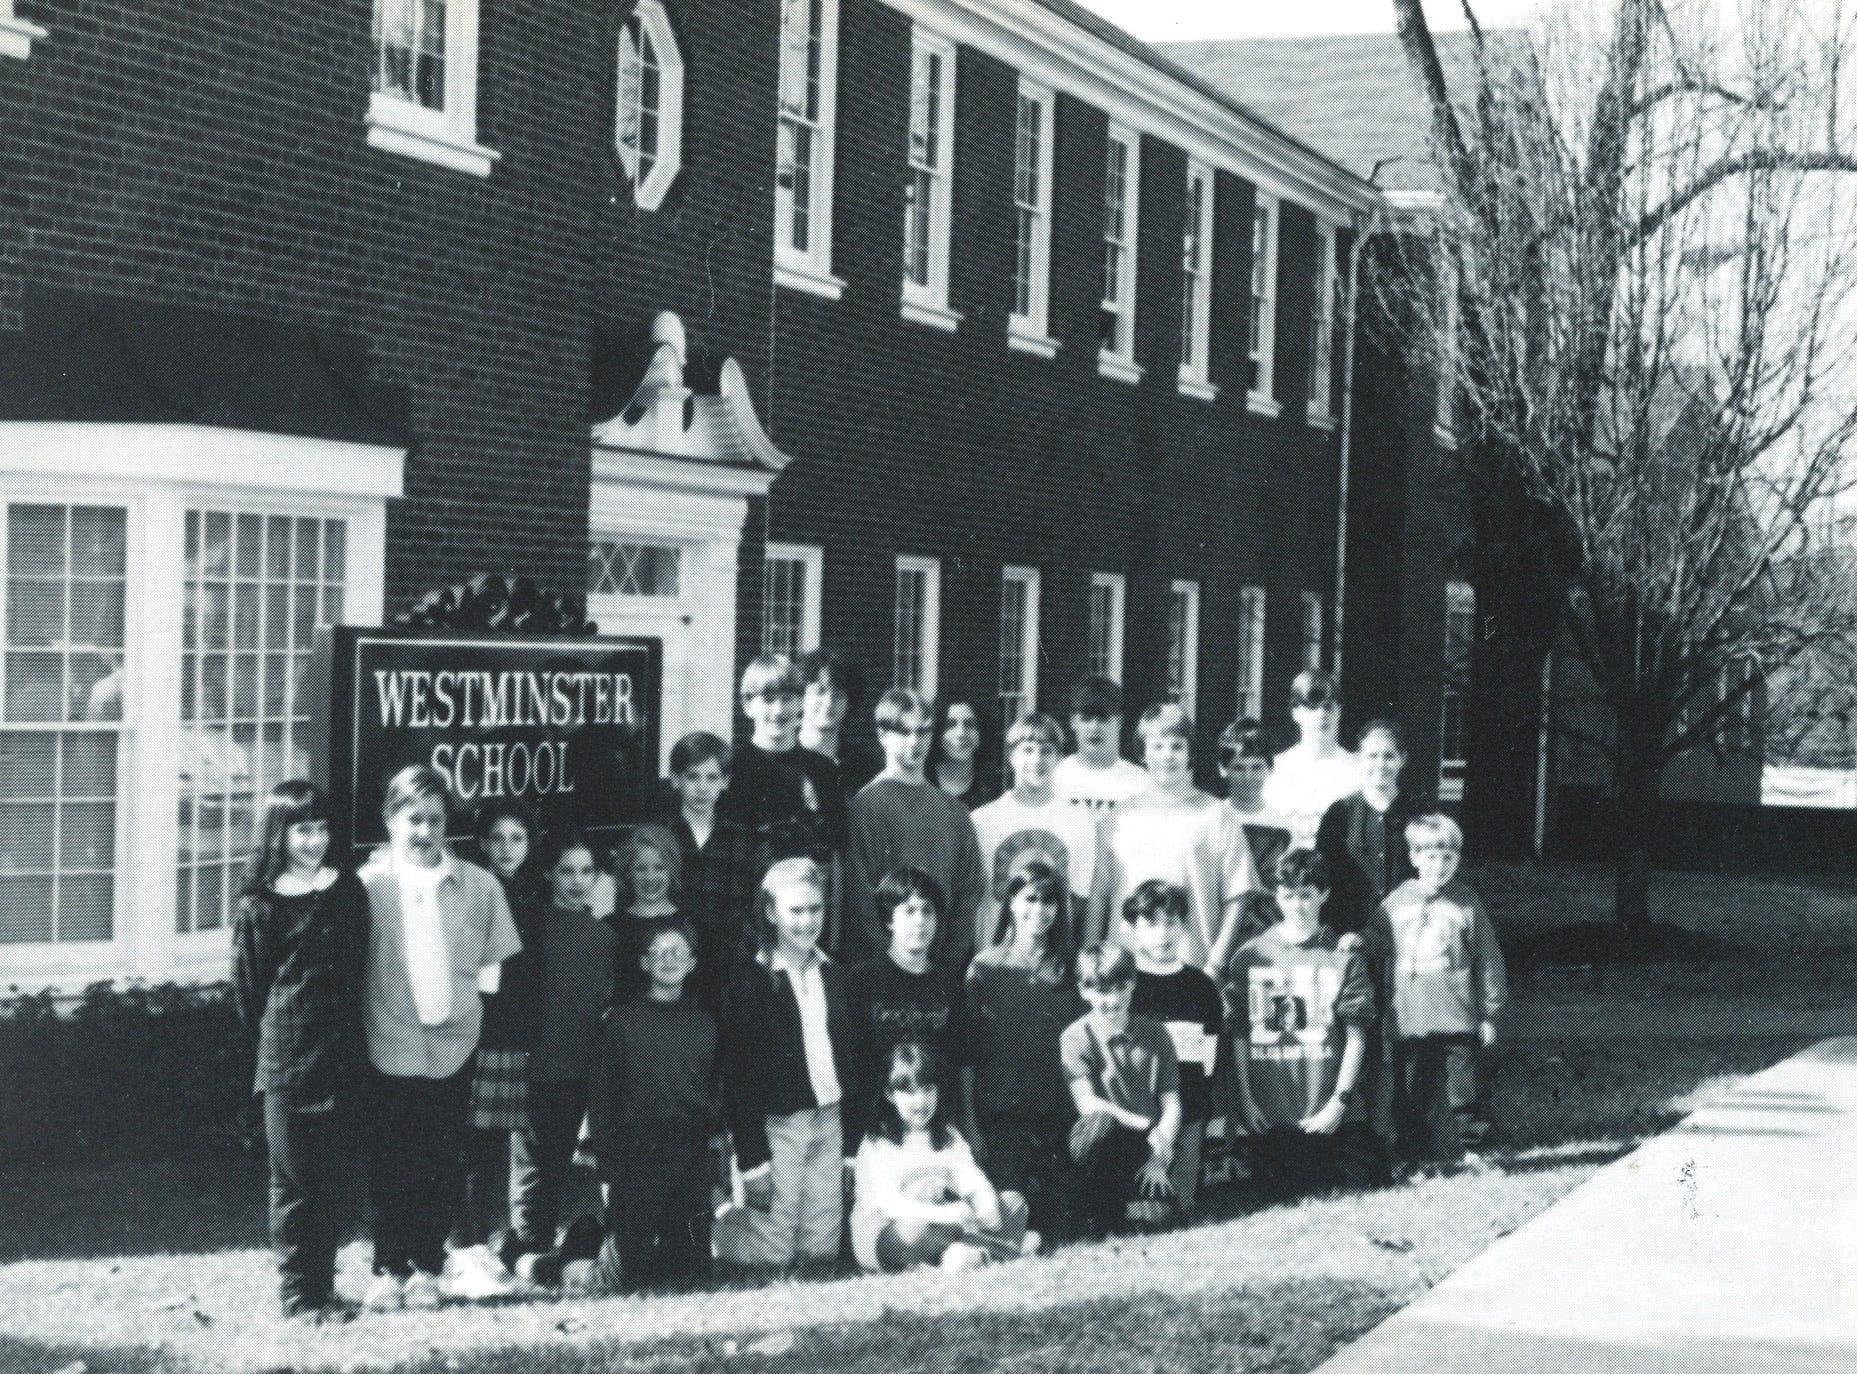 Wesminters School